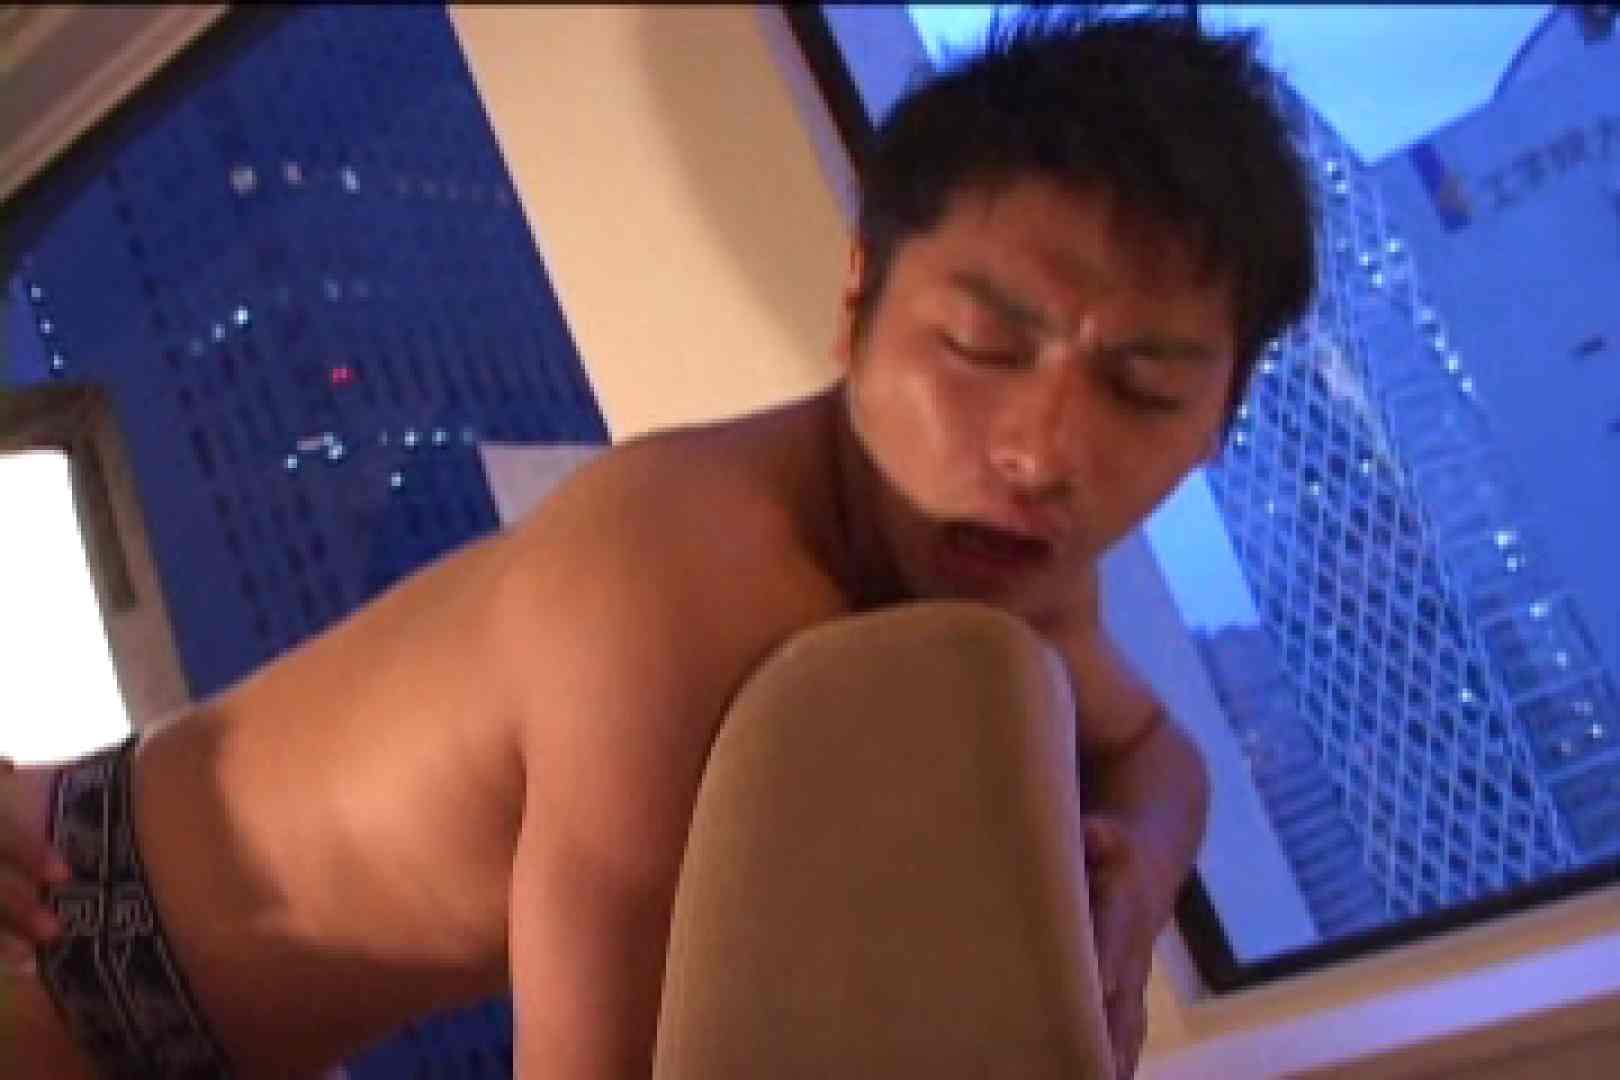 イケメンキラキラ列伝!07 スジ筋系男子 ゲイSEX画像 107枚 95